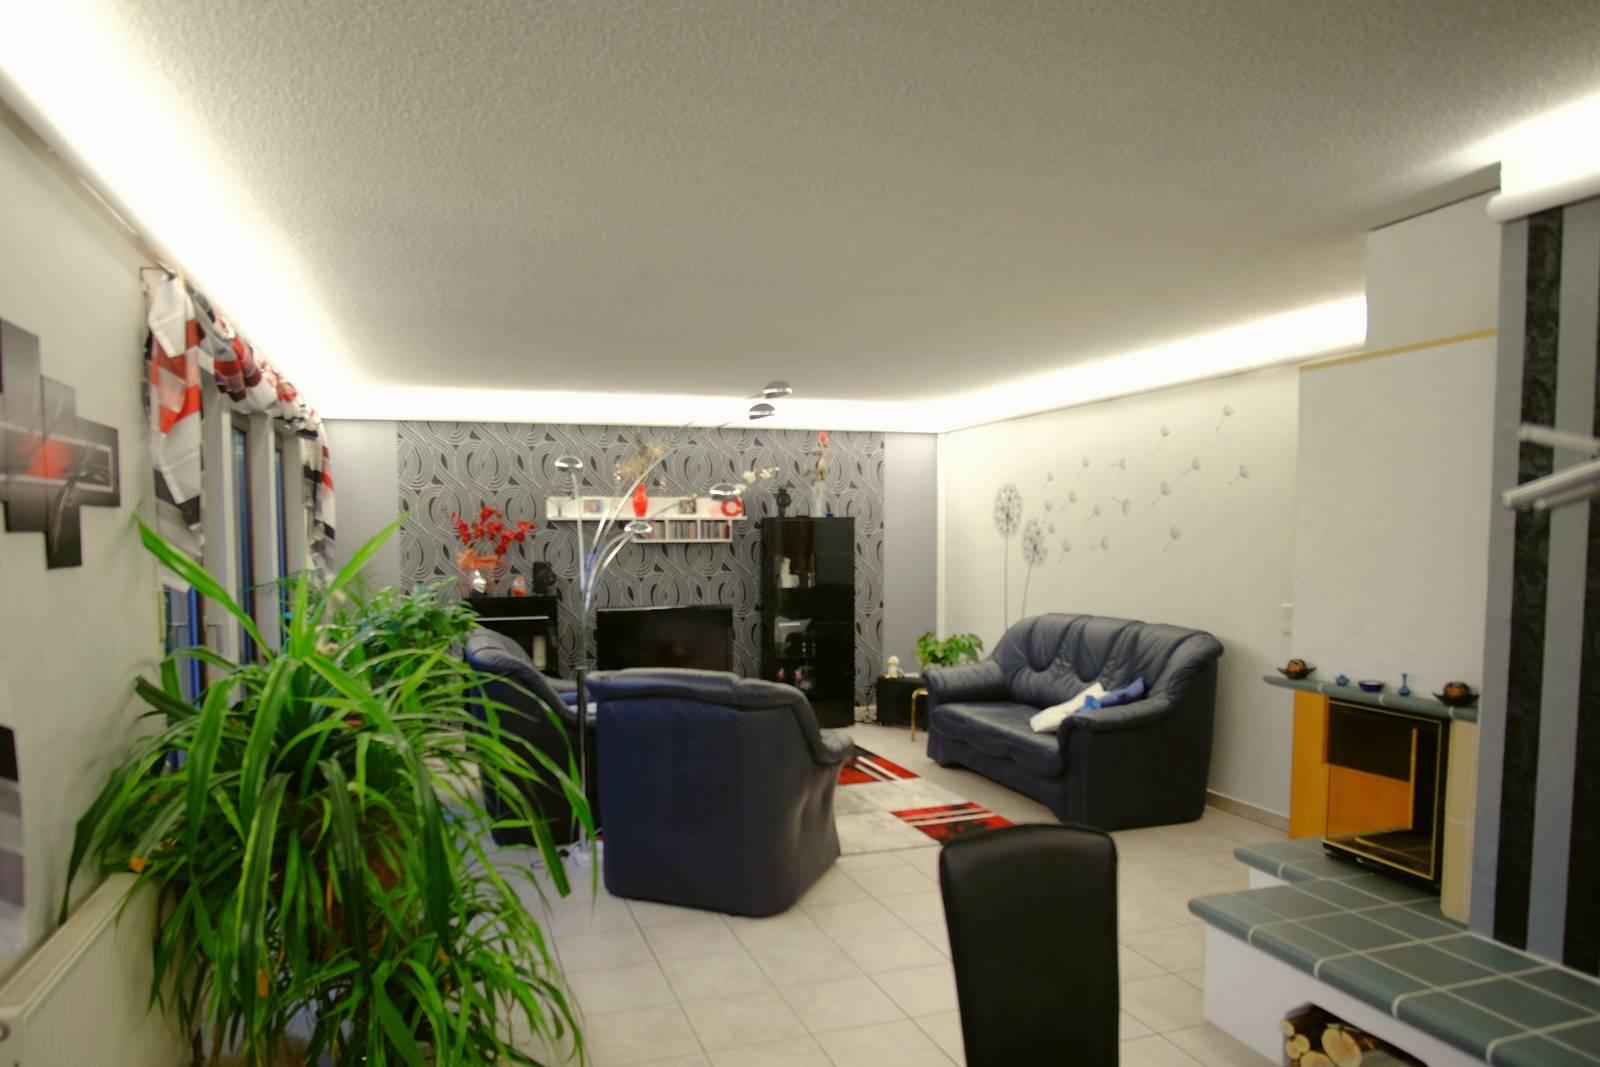 Full Size of Led Beleuchtung Für Wohnzimmer Led Leuchten Für Wohnzimmer Led Beleuchtung Wohnzimmer Ideen Led Beleuchtung Wohnzimmer Farbwechsel Wohnzimmer Led Beleuchtung Wohnzimmer